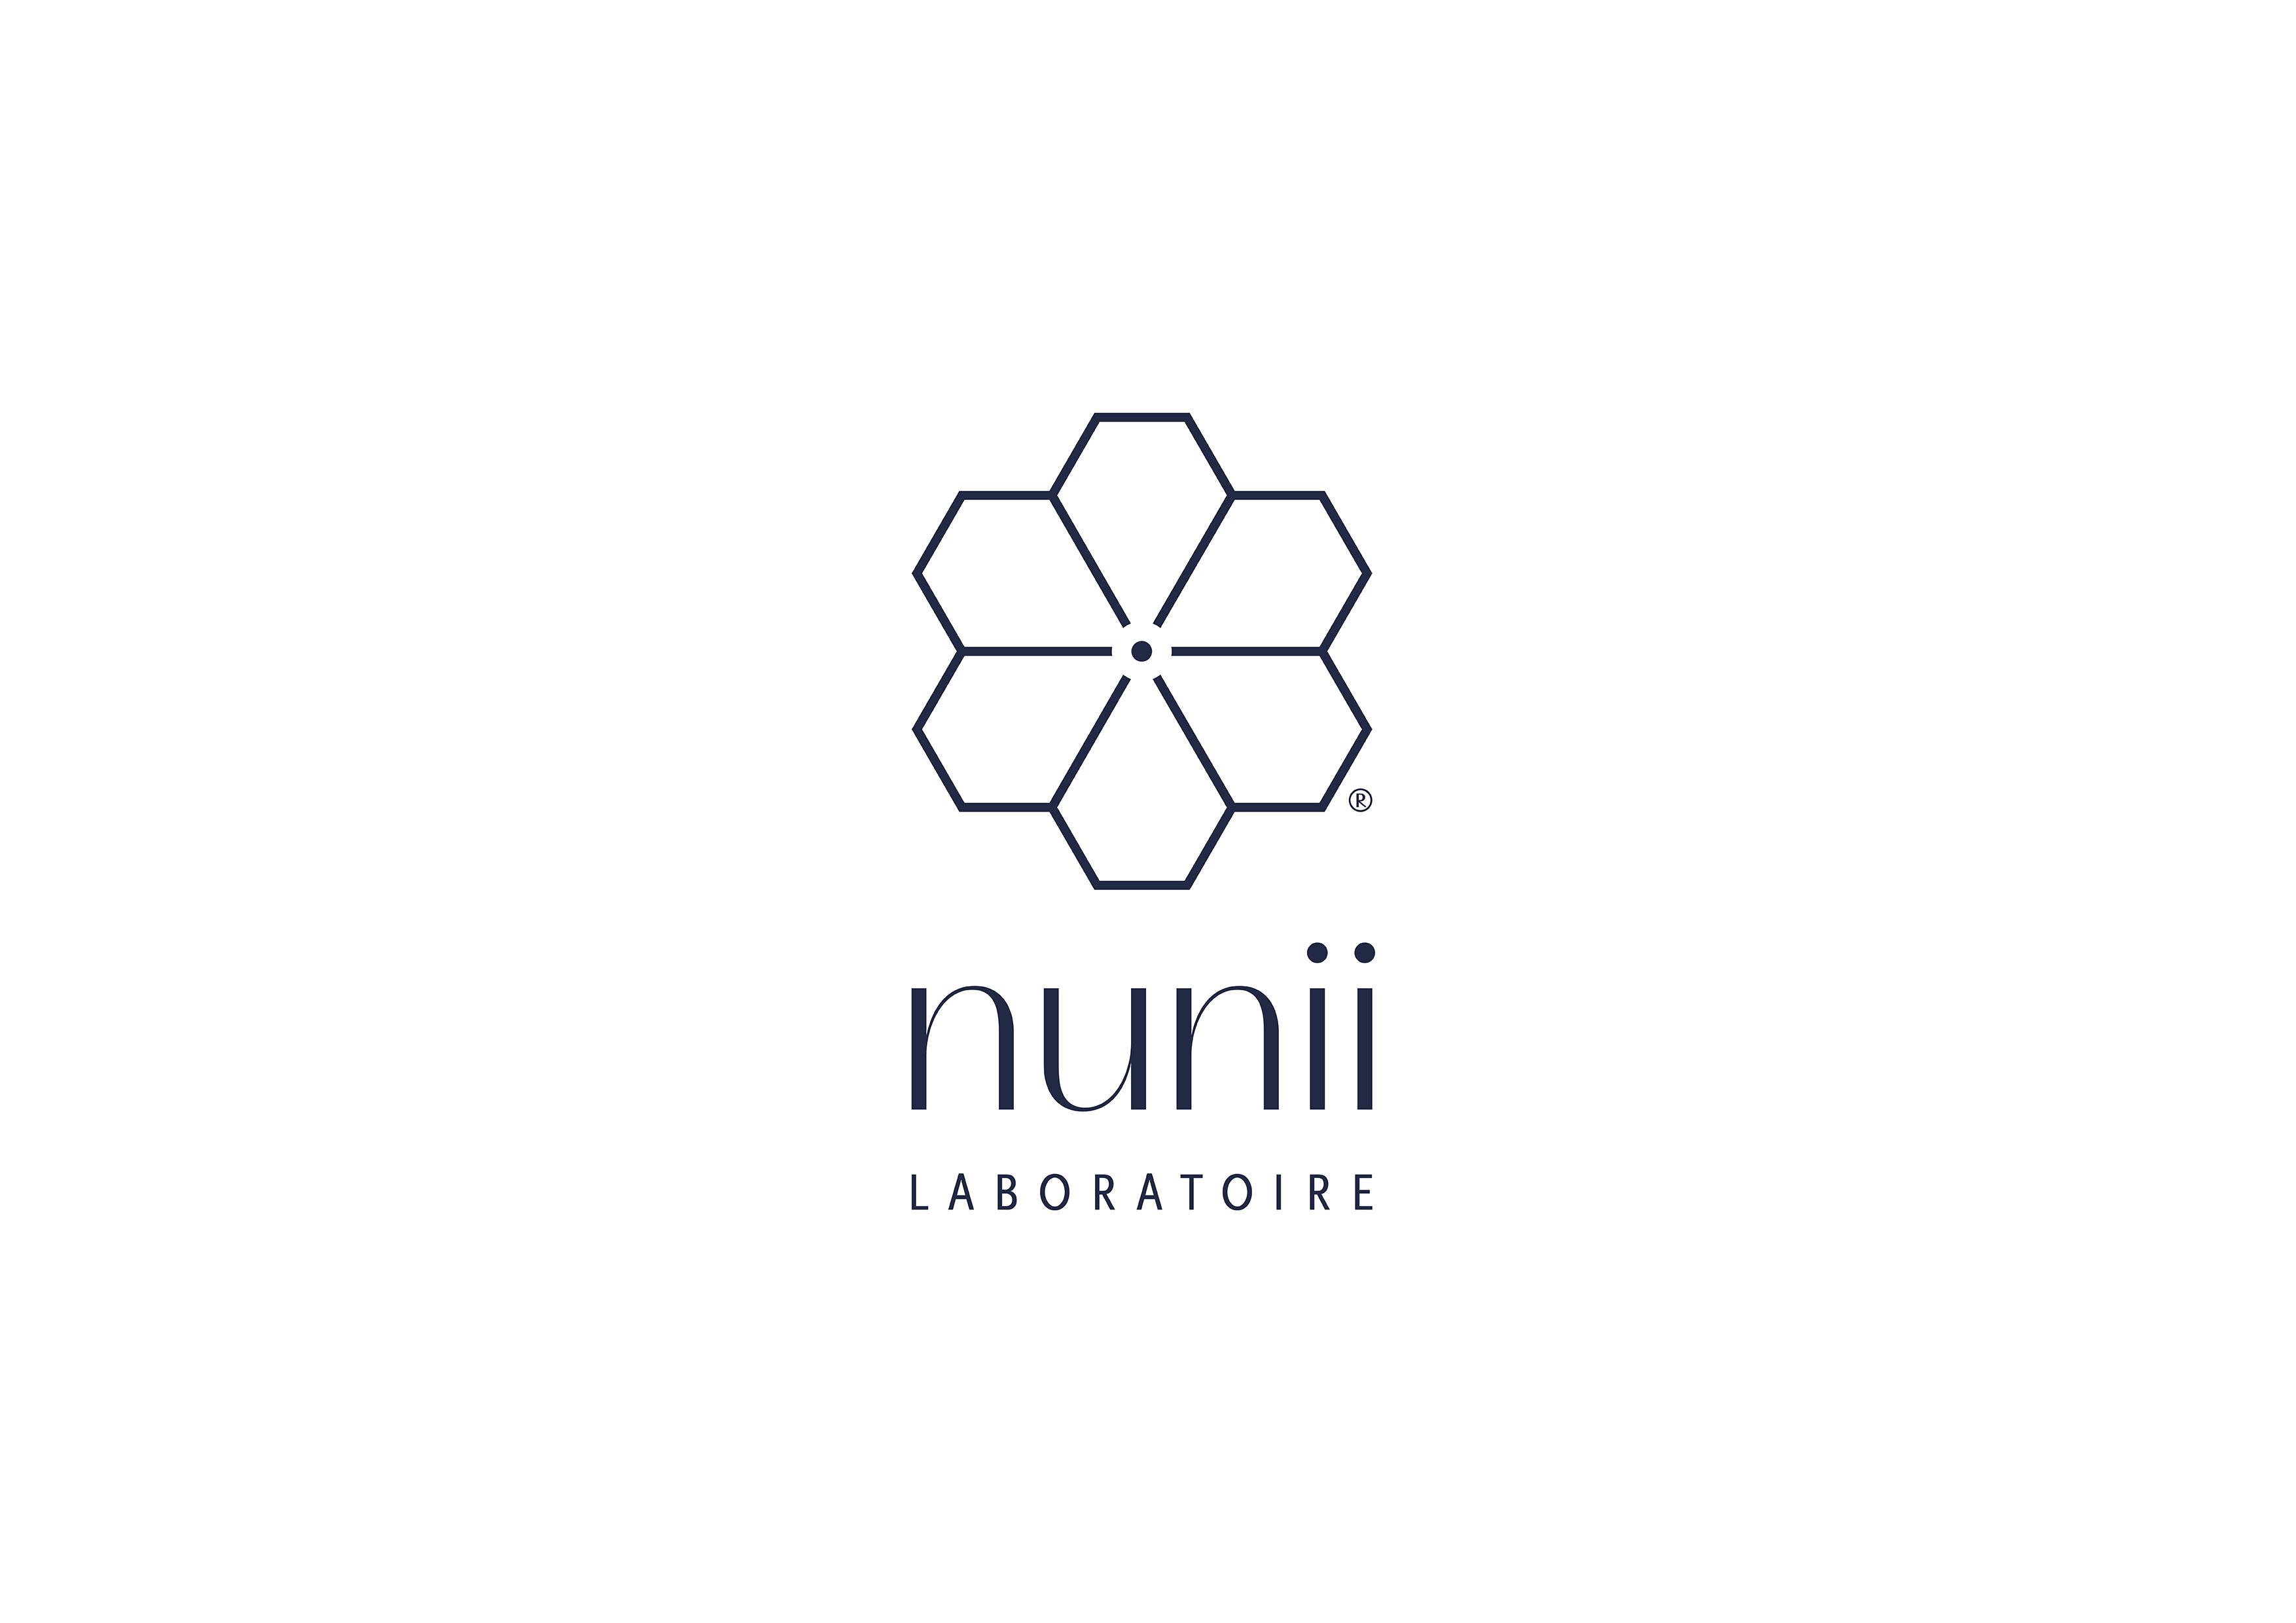 Cover image: Nunii Laboratoire